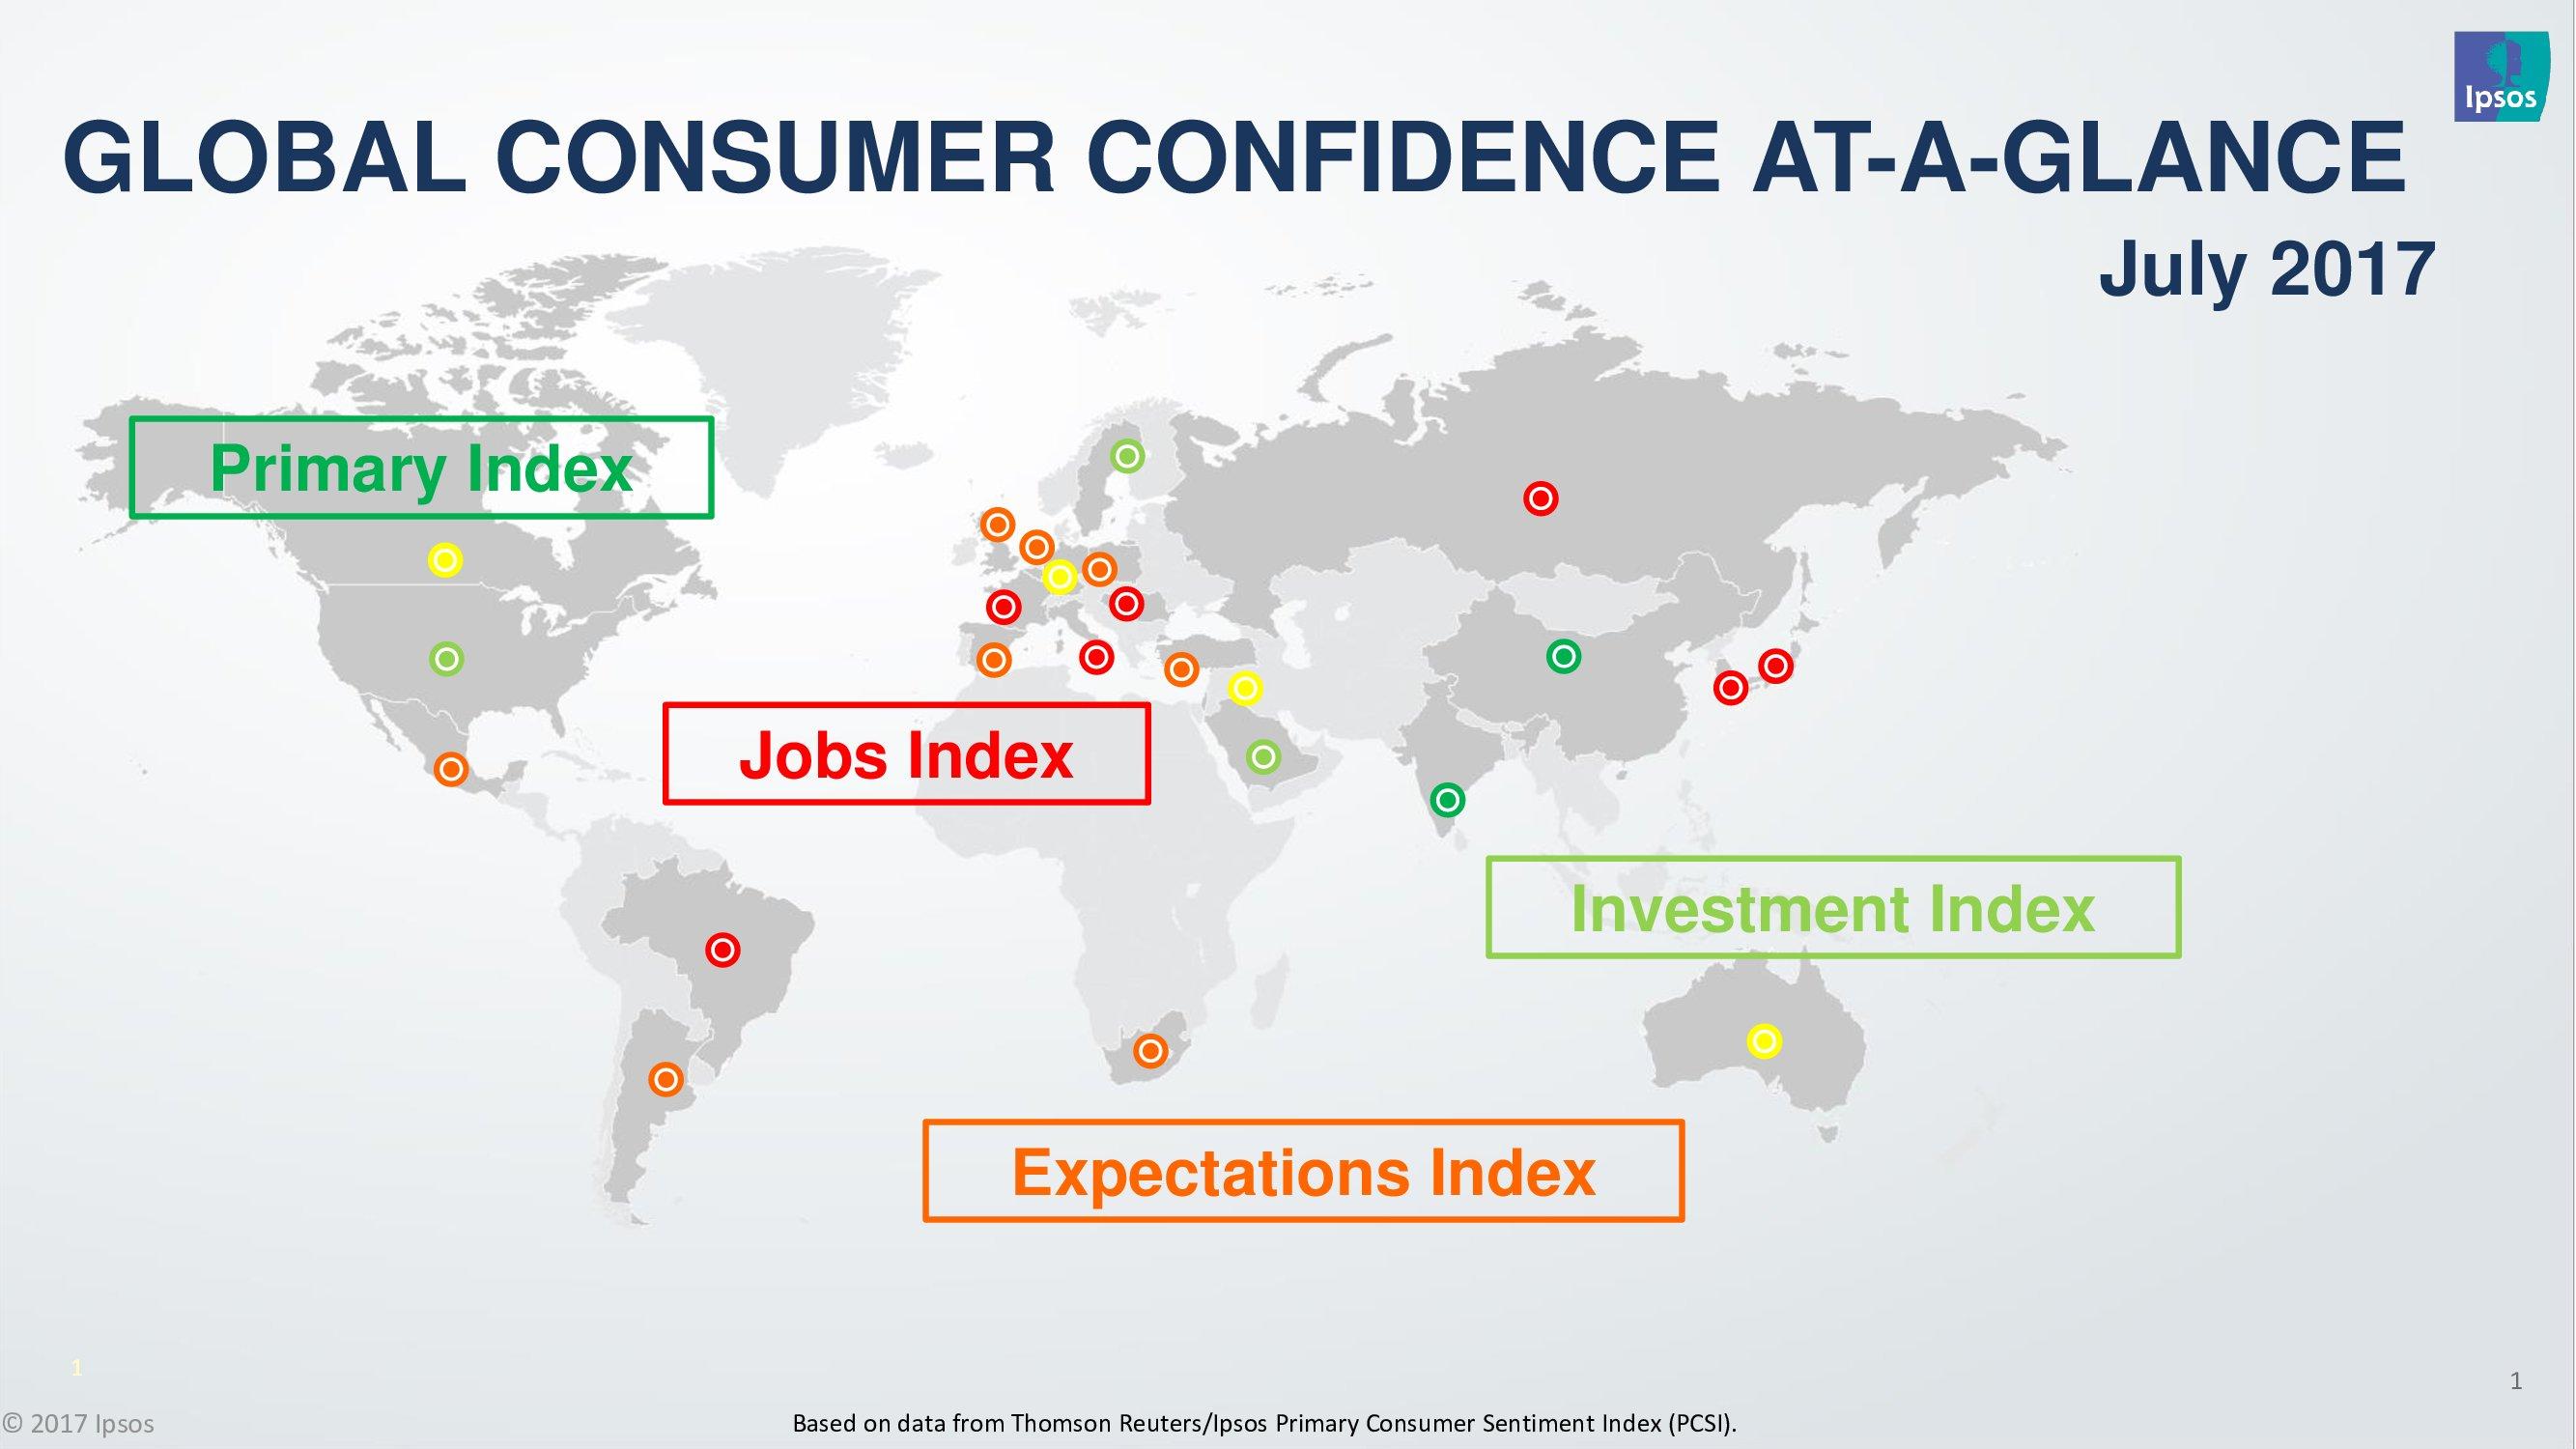 益普索:2017年全球消费者信心指数报告